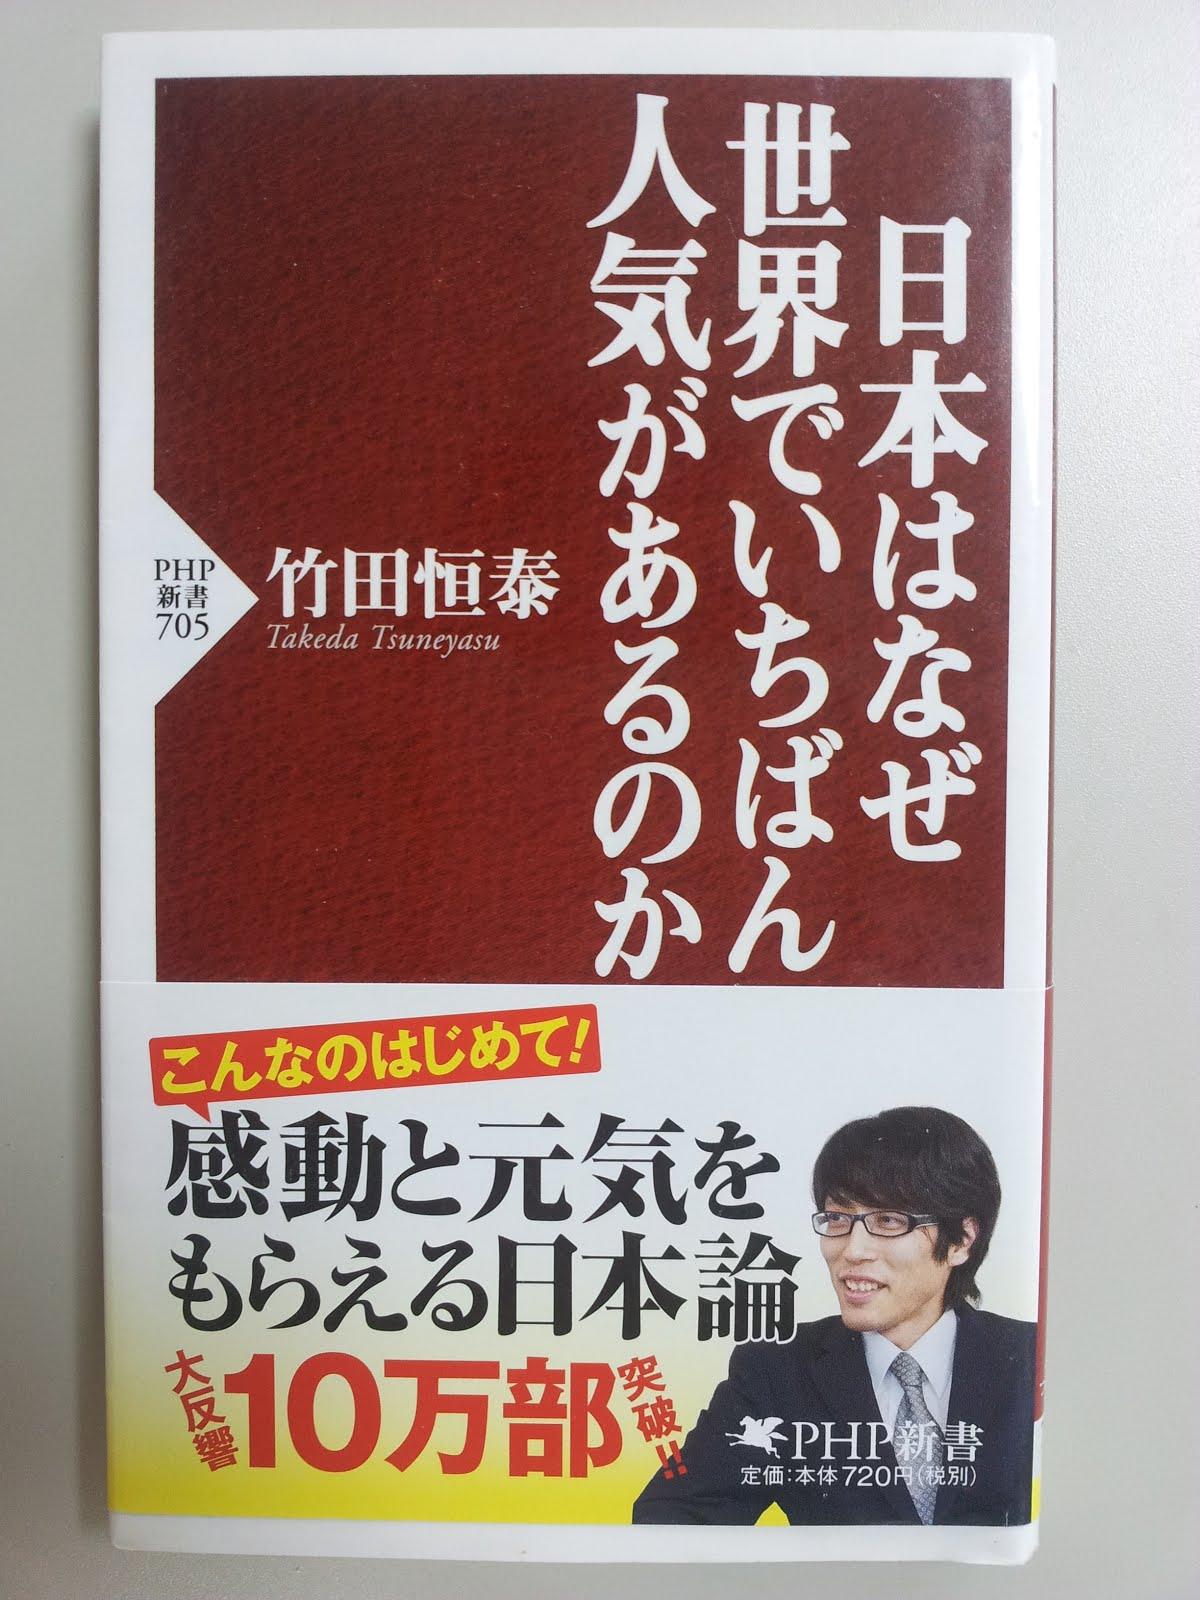 八木東一のブログ: 竹田恒泰さん...